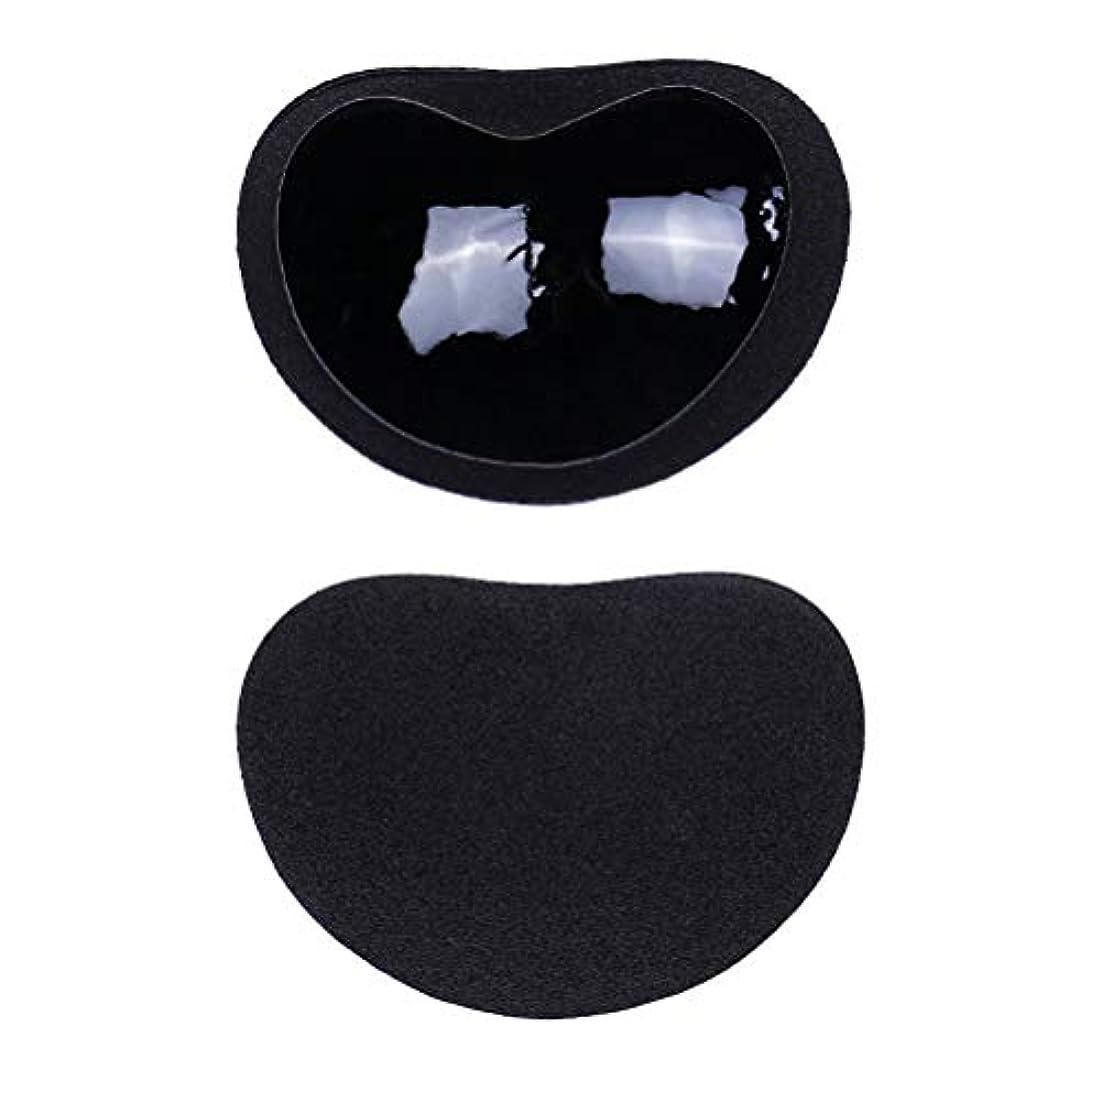 ロンドン天才実際のHealifty ニップルカバー1ペアストラップレス粘着性のある粘着性のあるブラのシリコーンのニップルは見えないブラニップルのコンシーラーのパティをカバーします(黒)